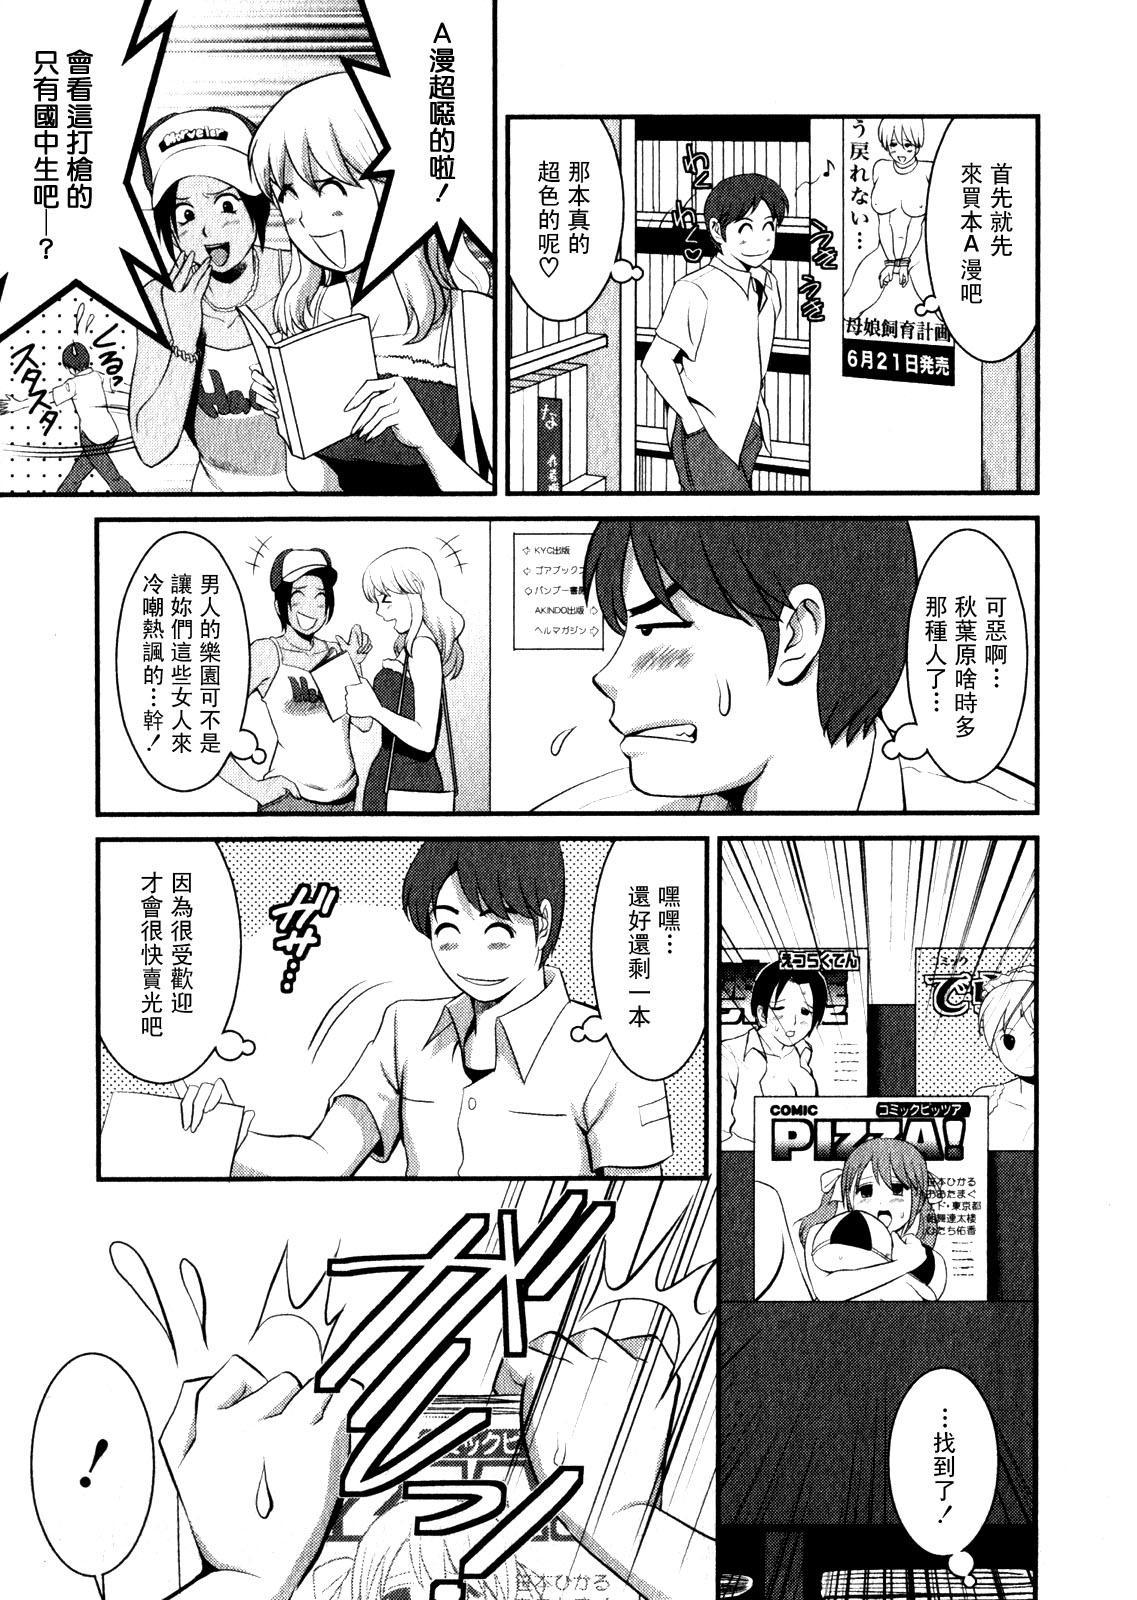 Otaku no Megami-san 1 132